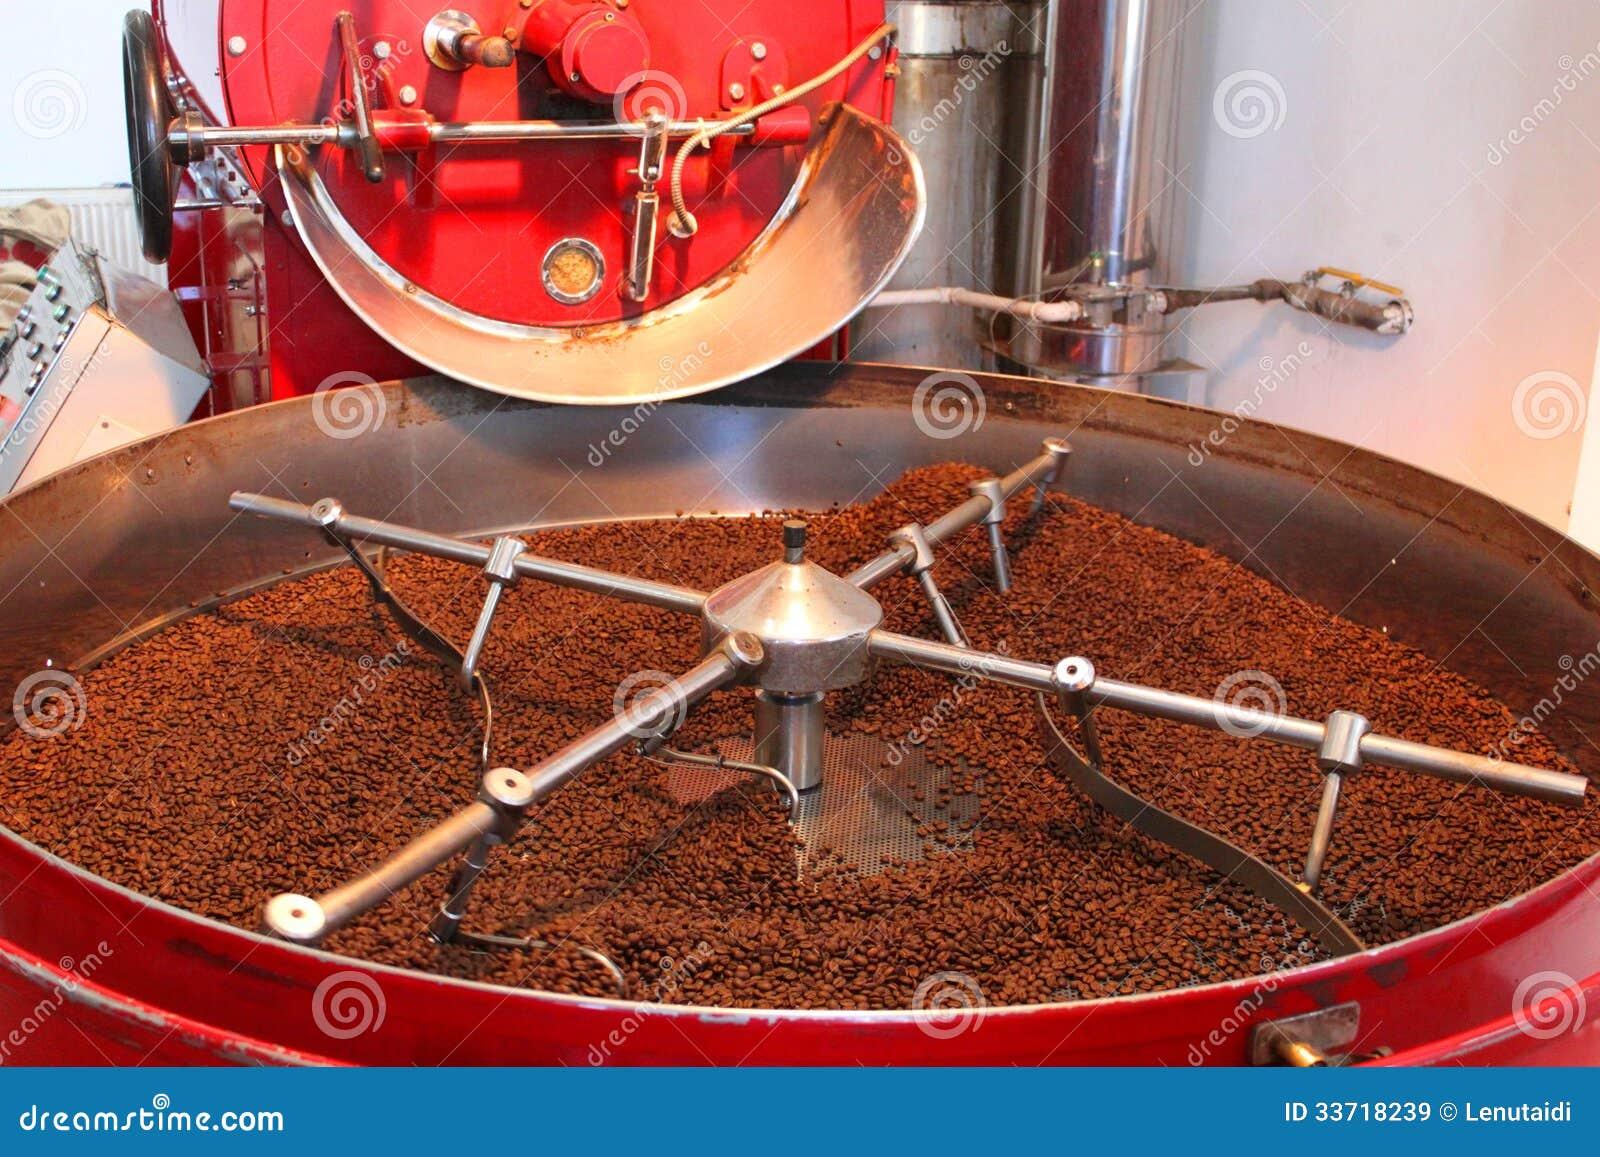 Dispositif à rôtir et à sécher des grains de café